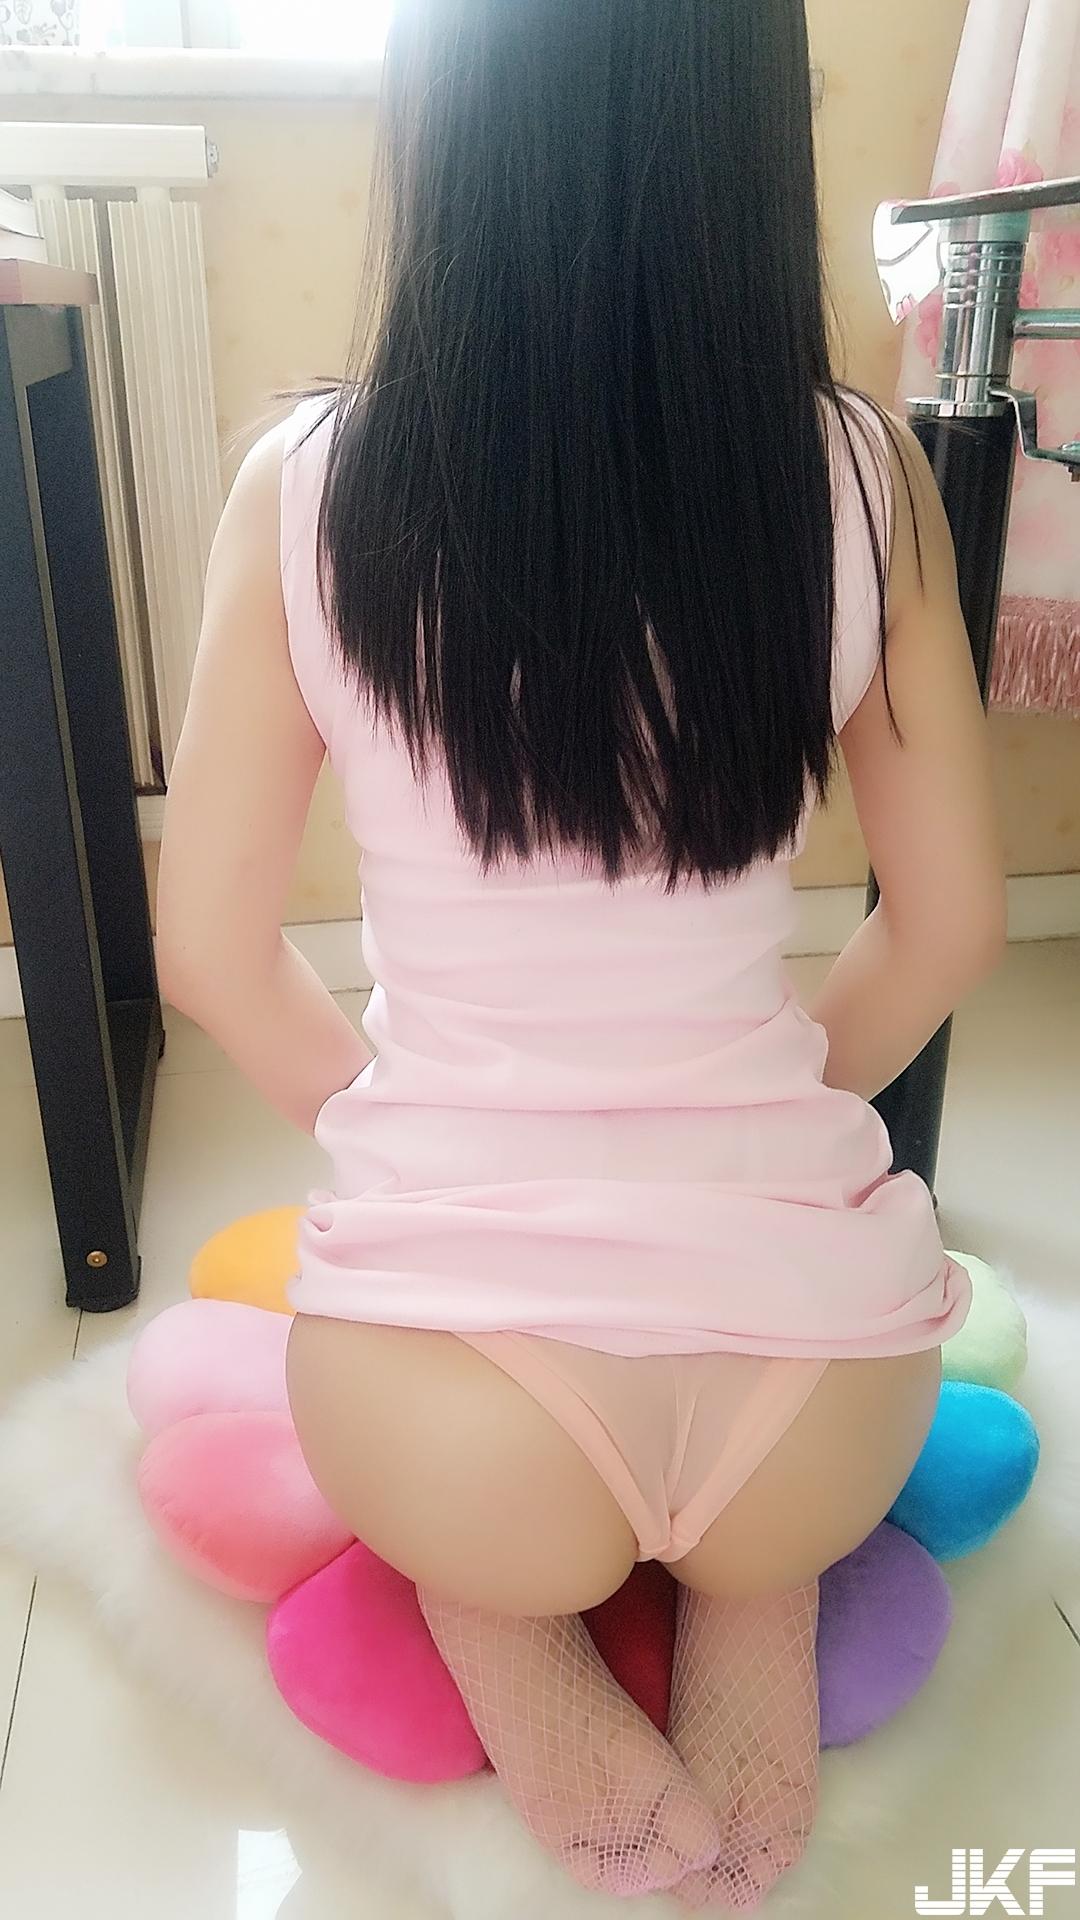 【網路收集系列】橙香靜靜  粉色夜店【22P】 - 貼圖 - 絲襪美腿 -